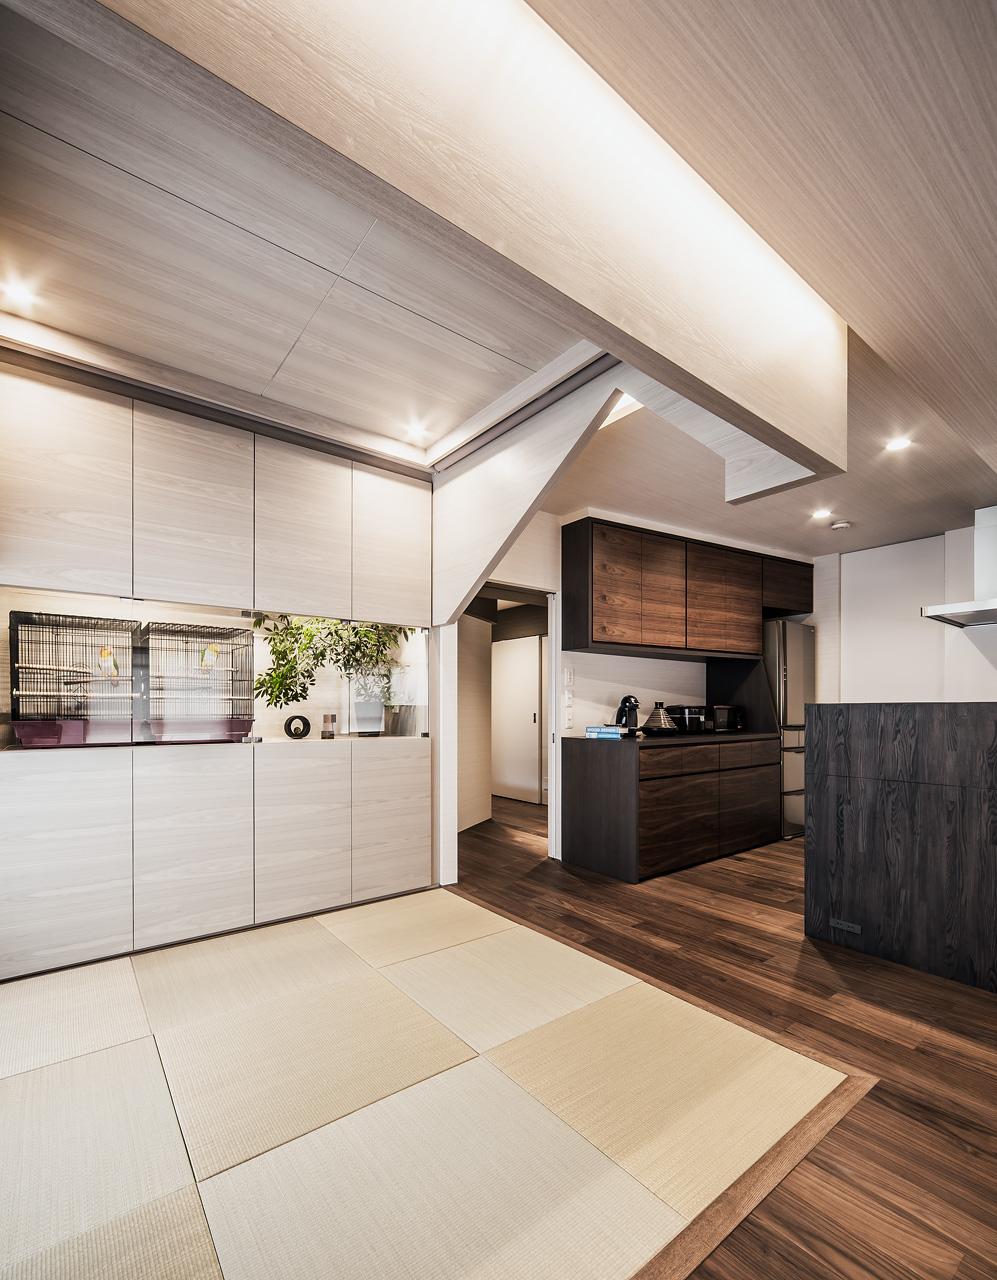 愛鳥の家: 畳に座って心地の良いスケール感となるよう、切妻の天蓋家具を低くつくっています